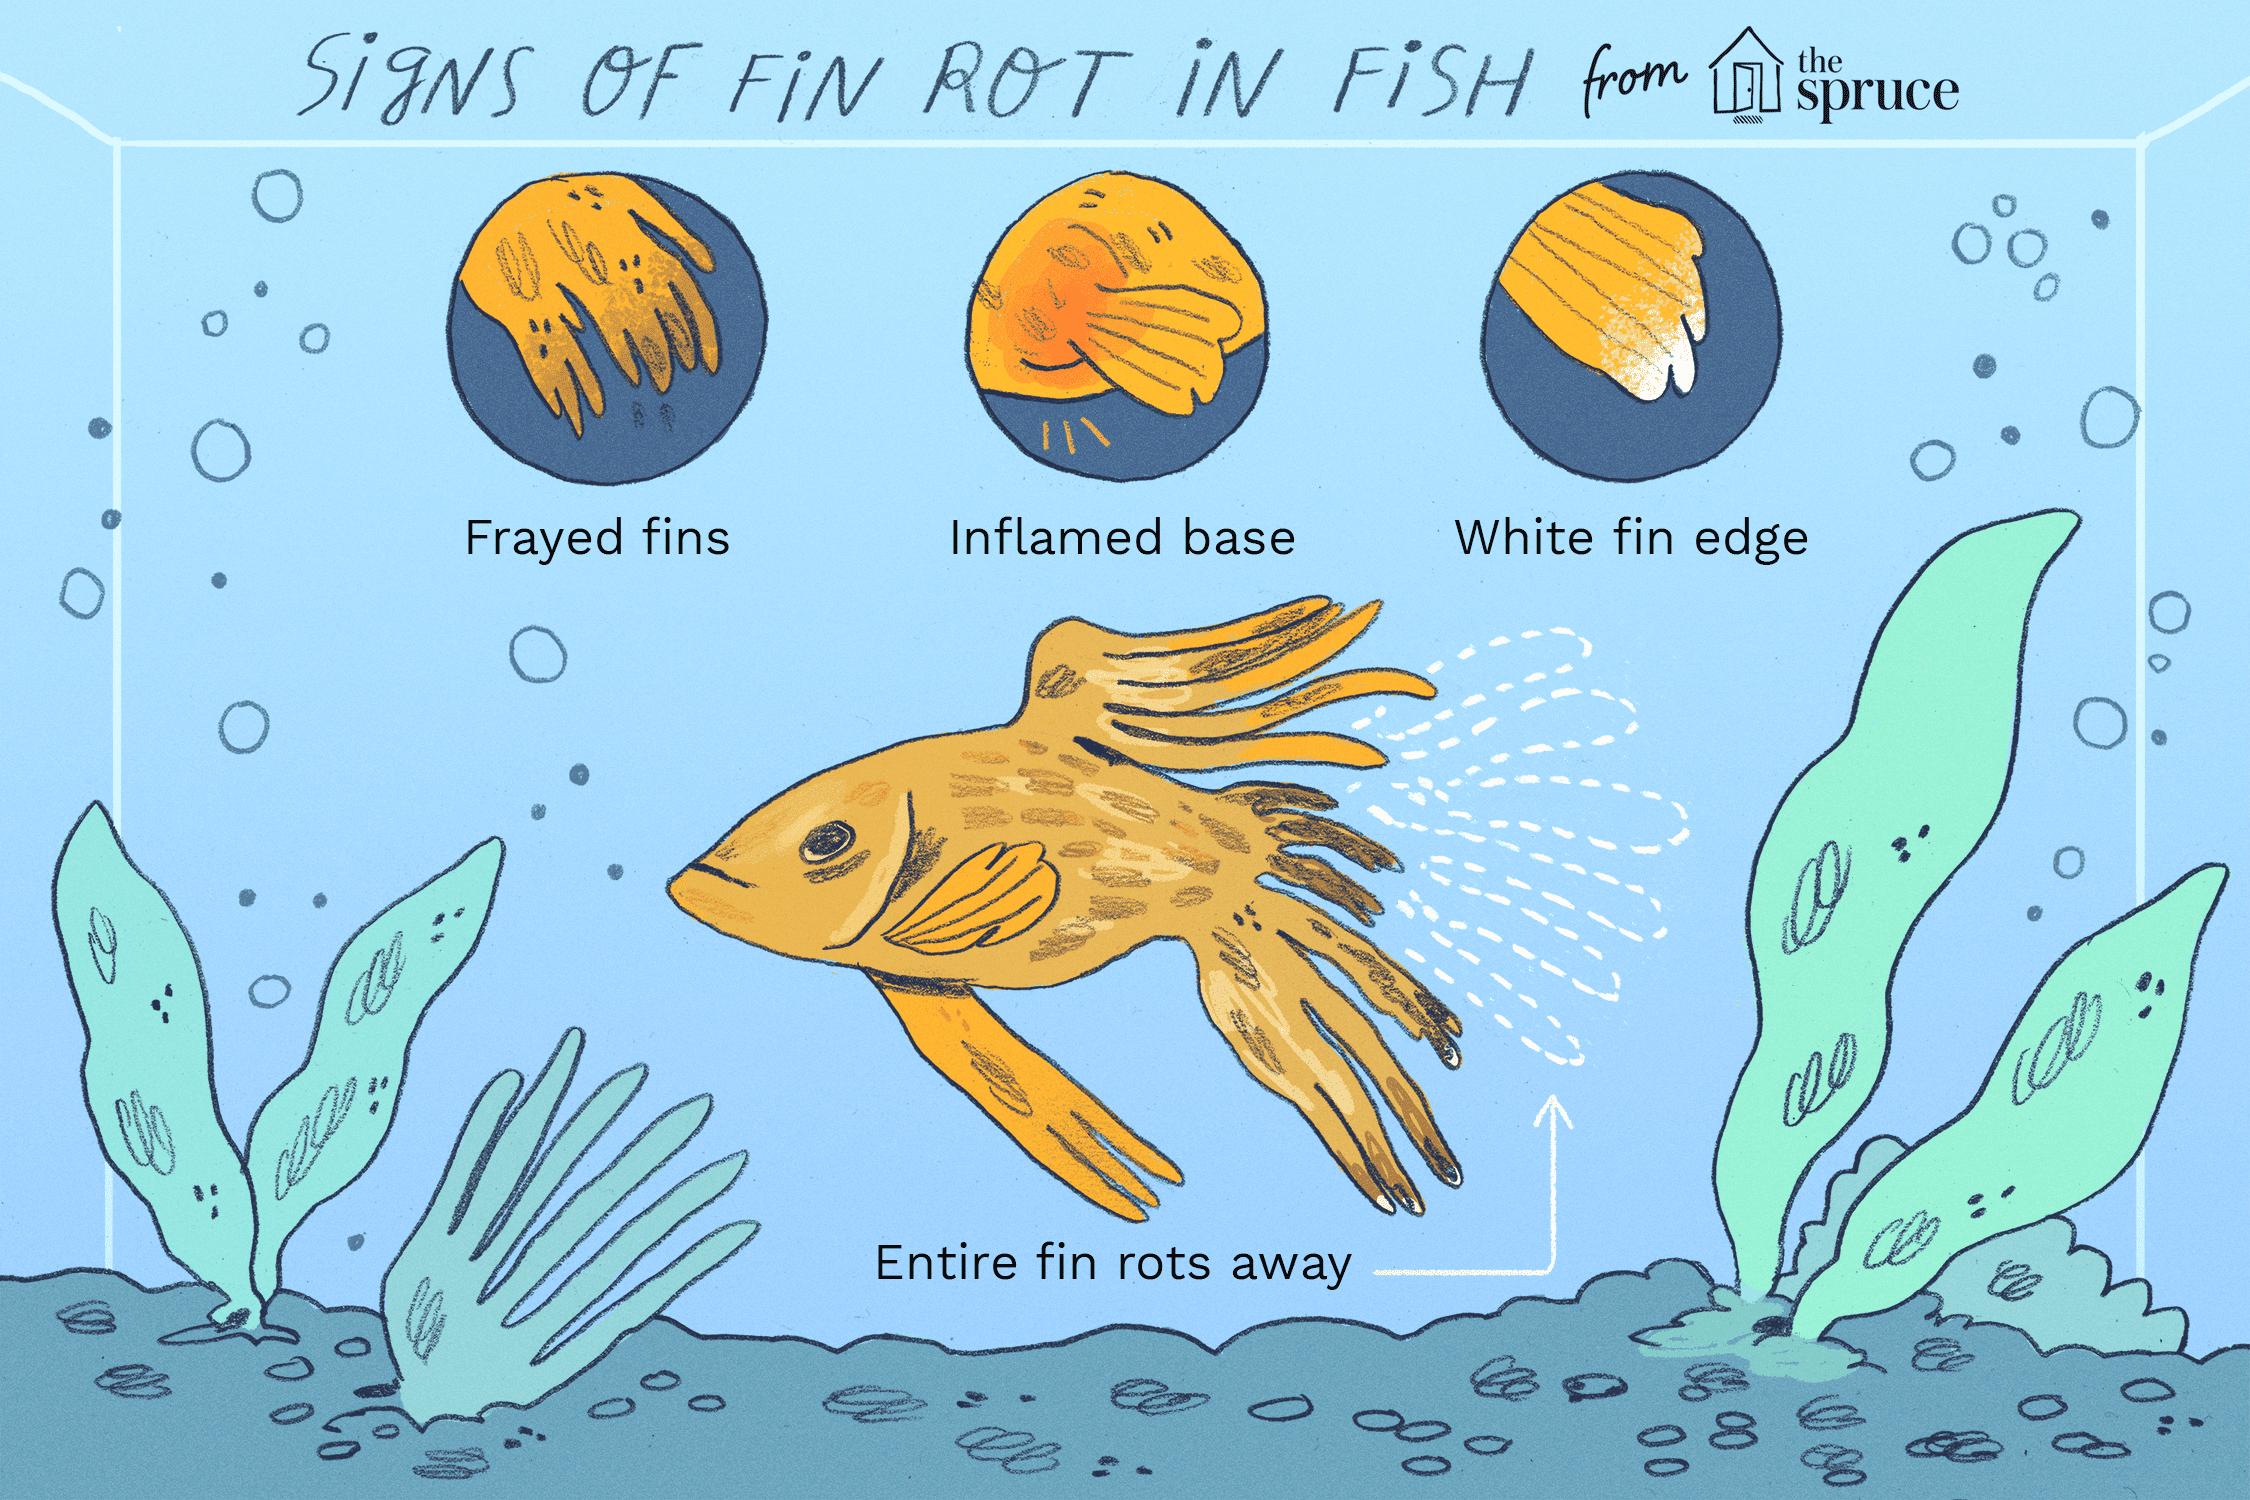 Ilustración de signos de pudrición de aleta en peces